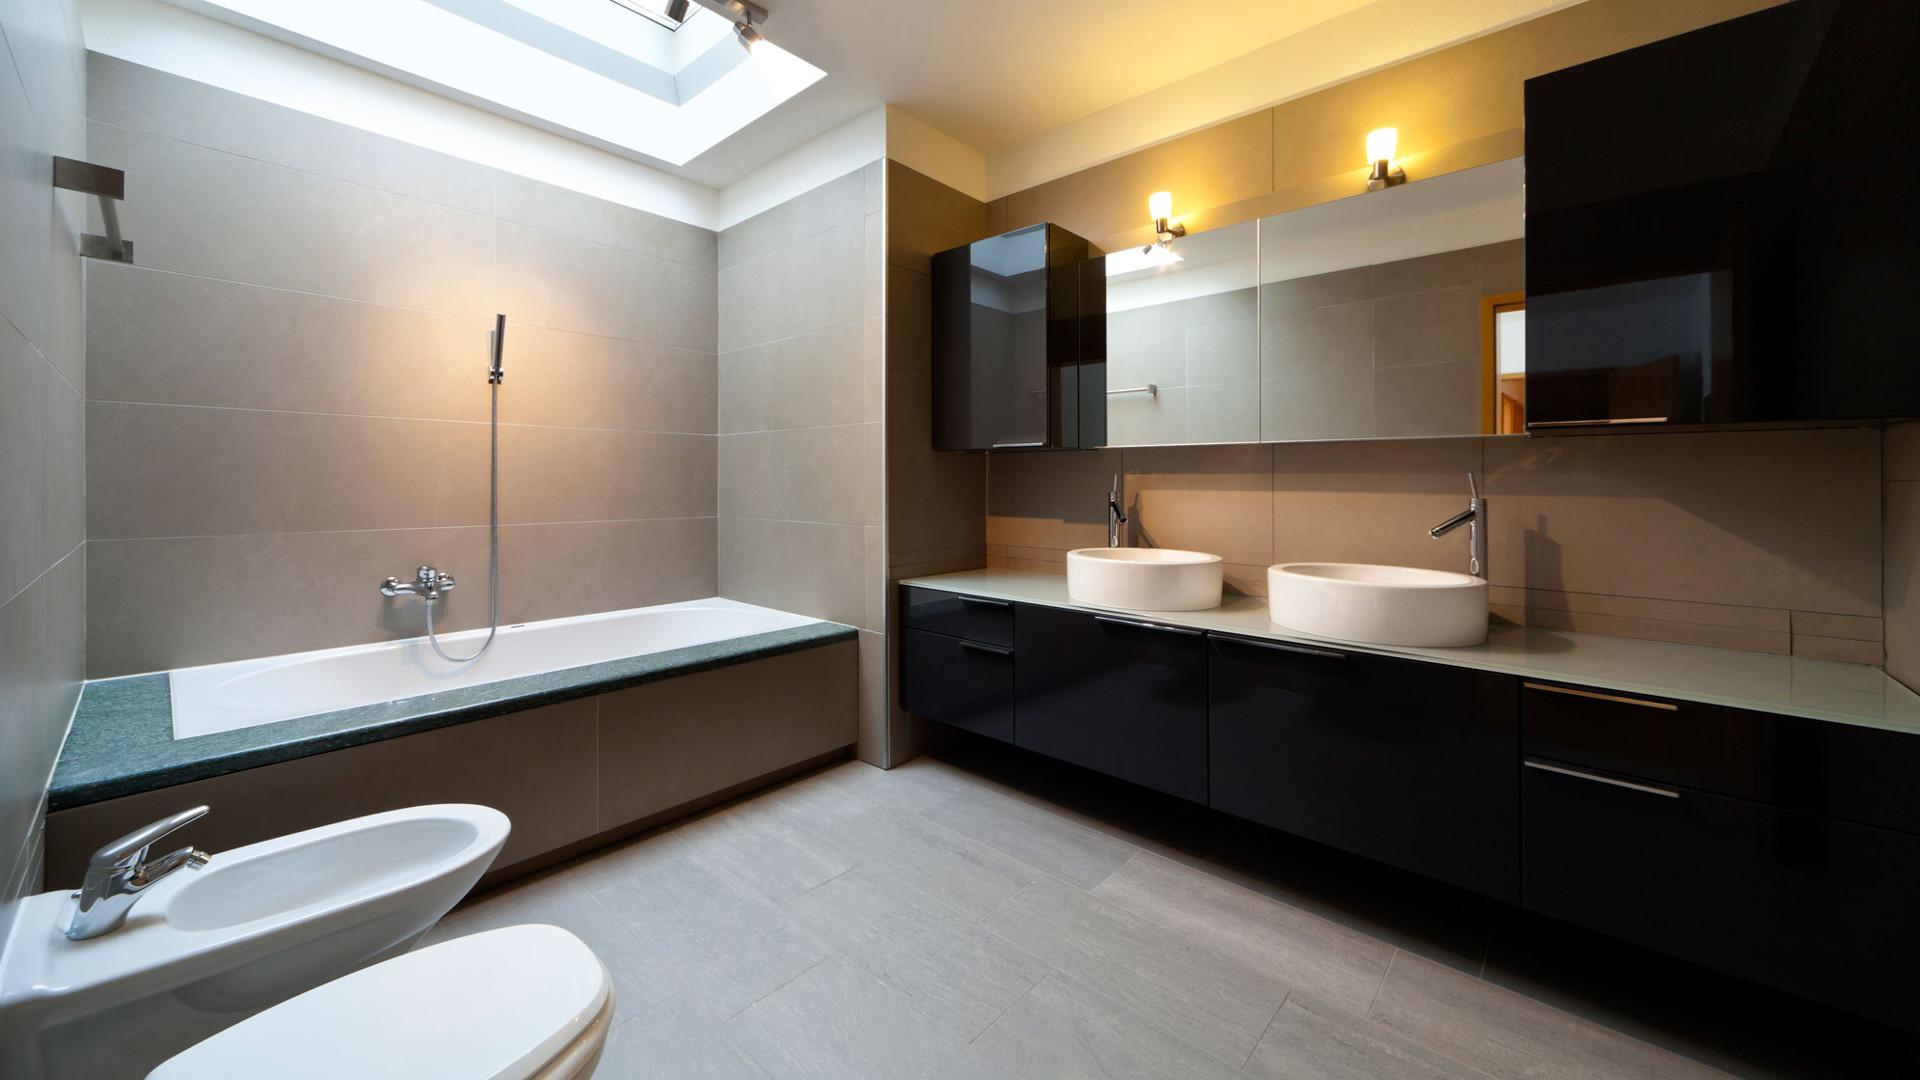 Austin Remodeling Kitchen Remodeling Bathroom Remodeling and